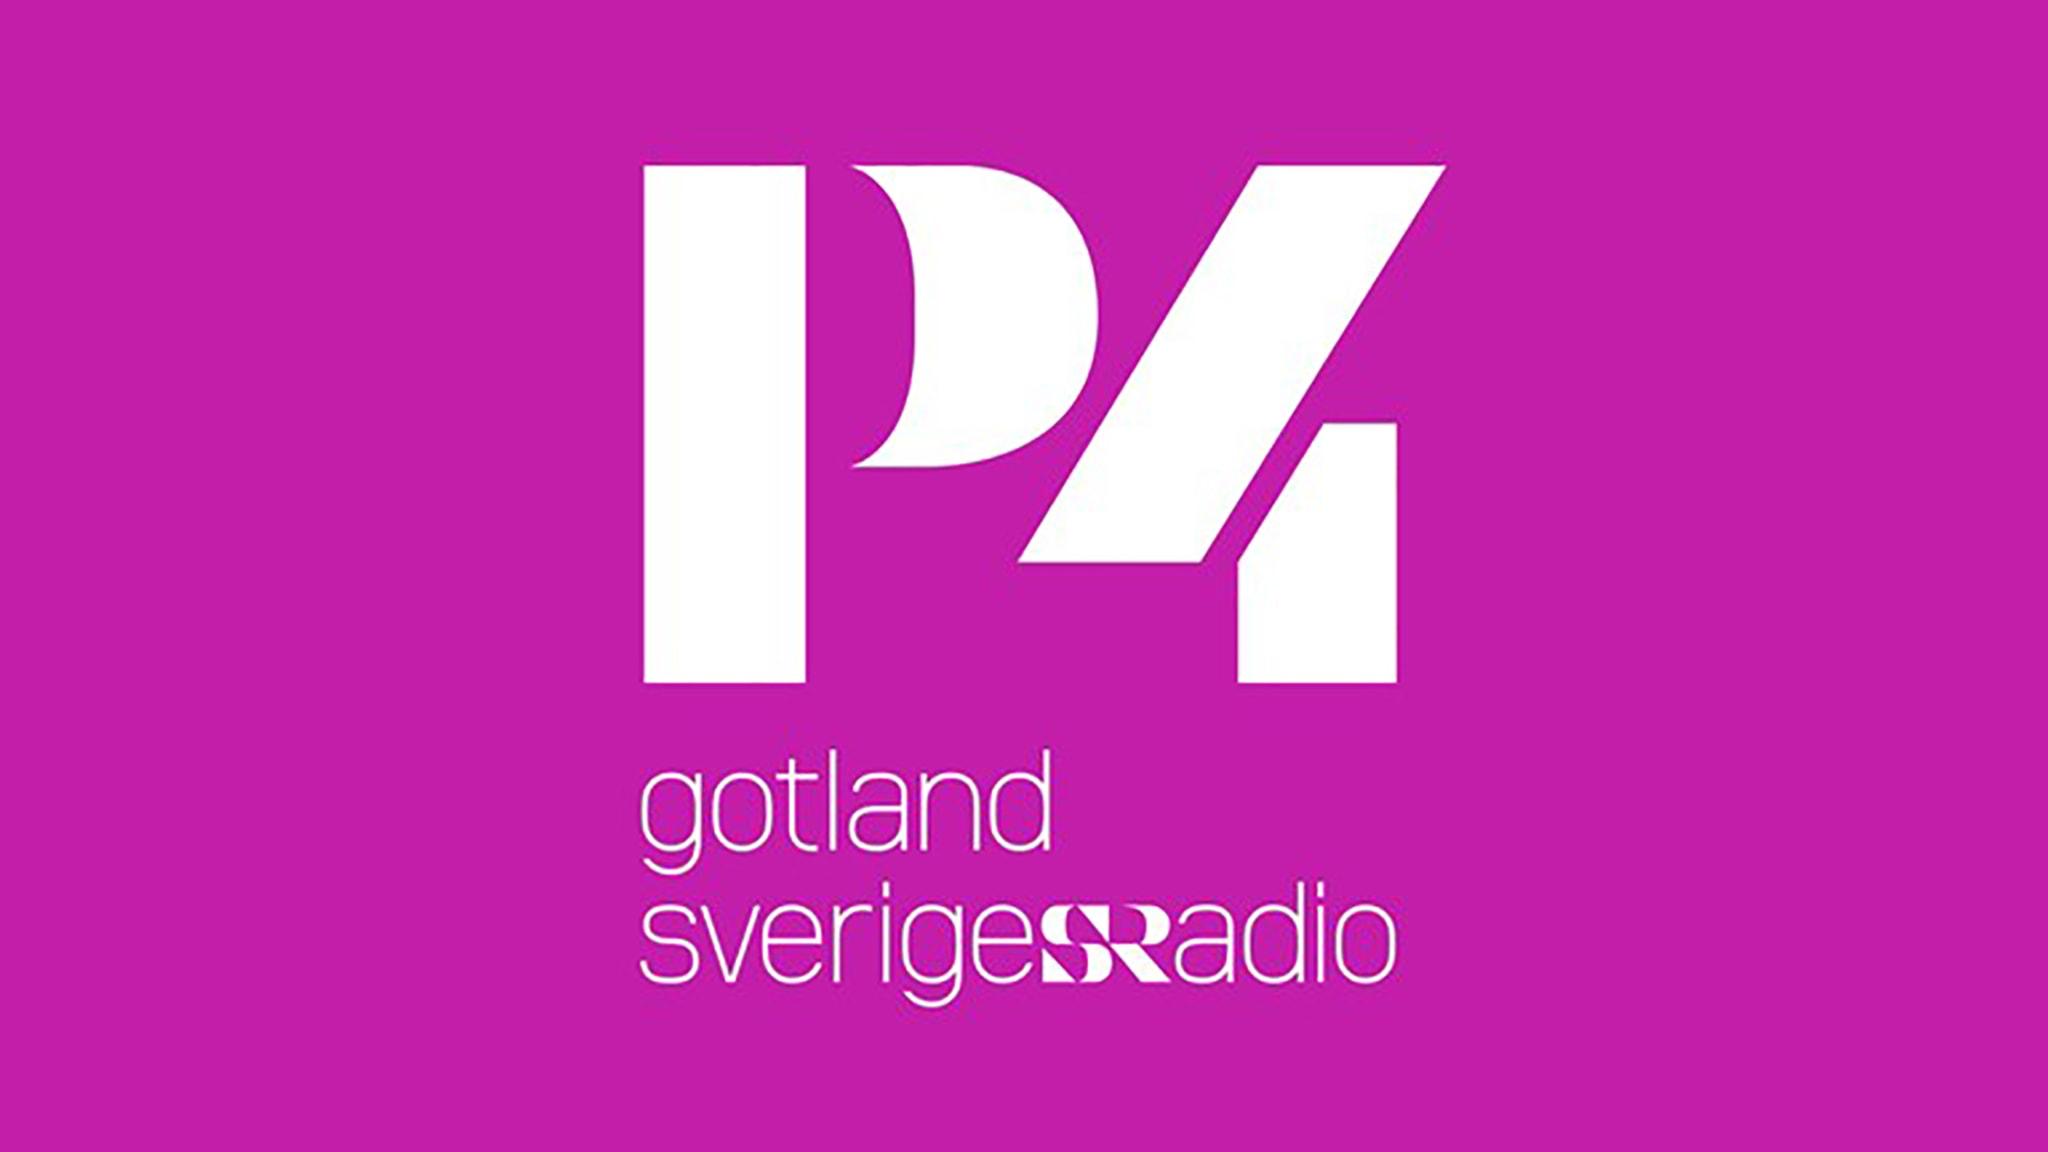 Programbild för Eftermiddag i P4 Gotland